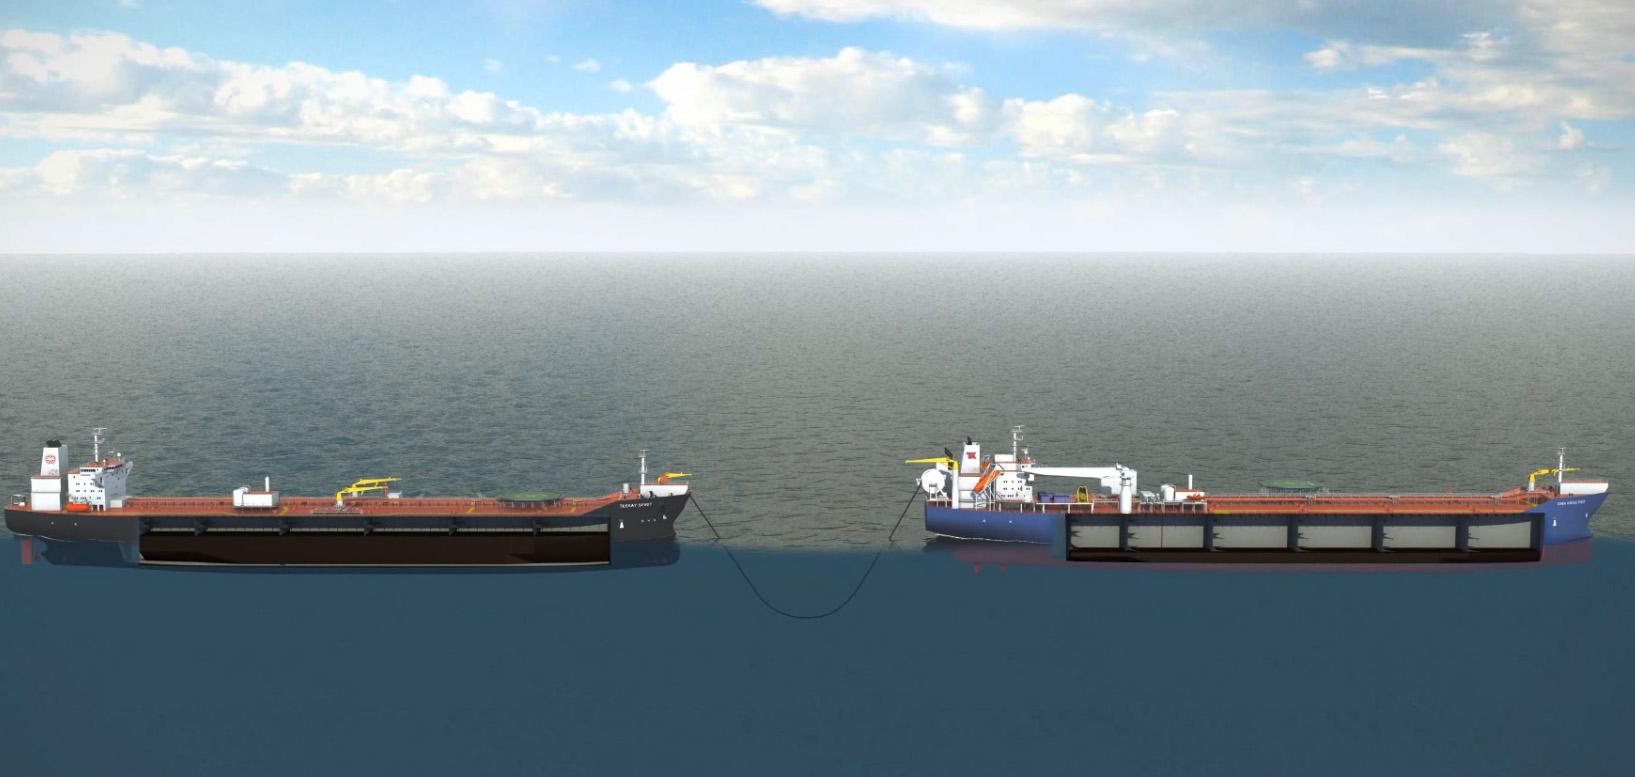 hoegh-lng-carrier-oil-tanker-3d-model